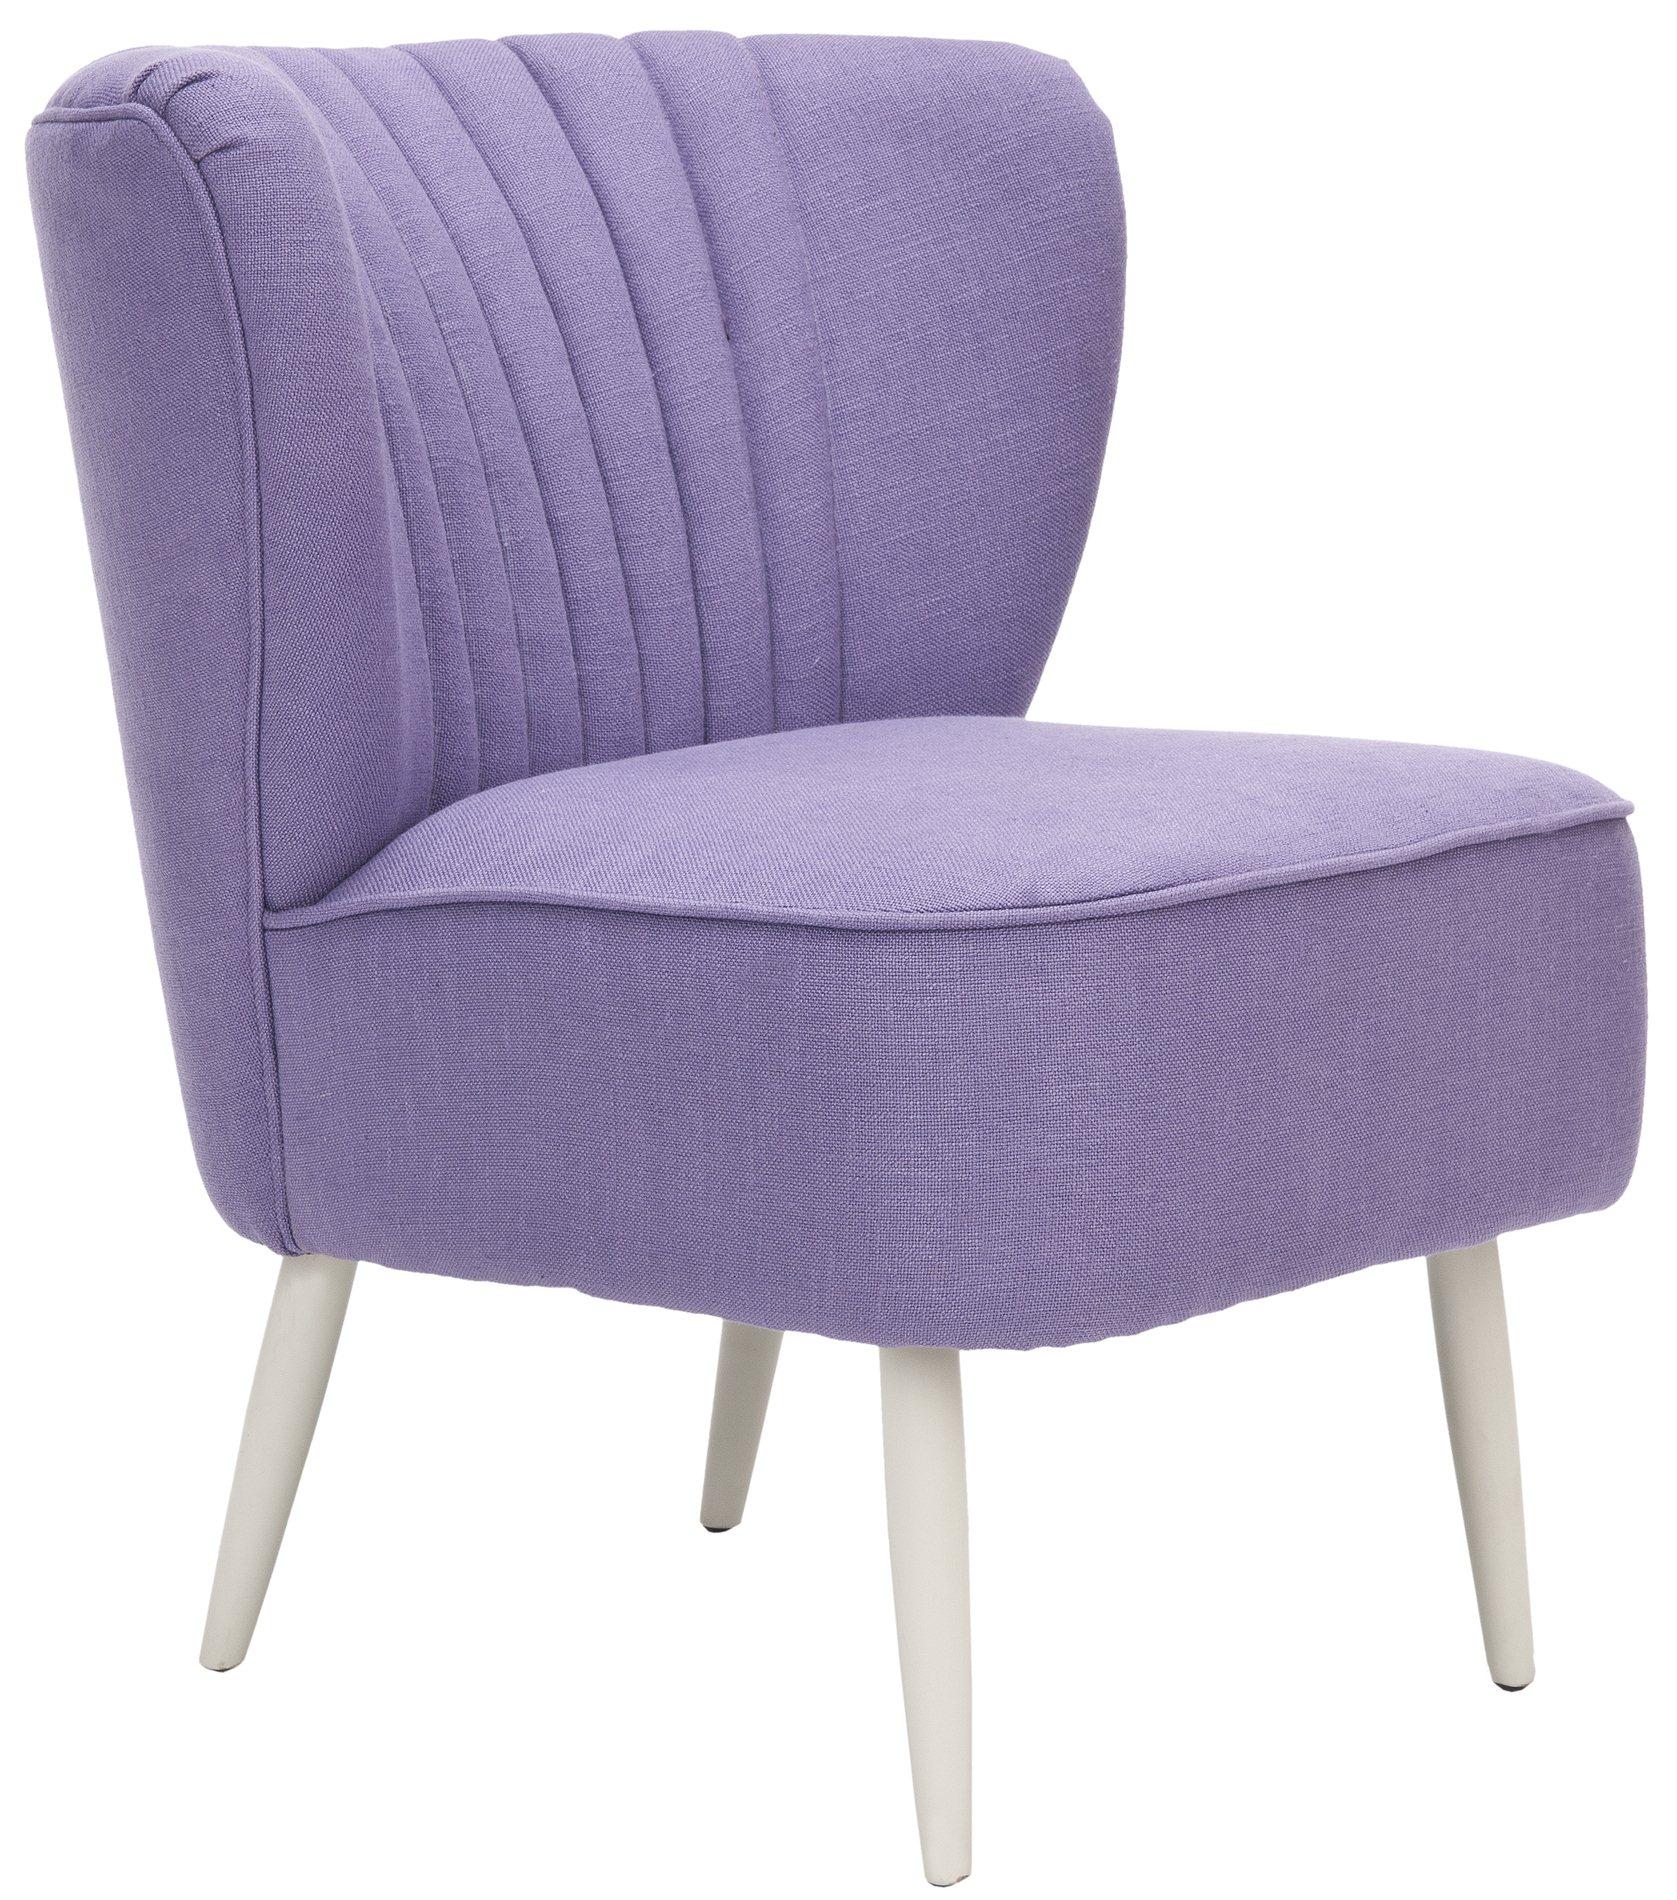 Safavieh Mcr4548c Morgan Accent Chair Sfv Mcr4548c